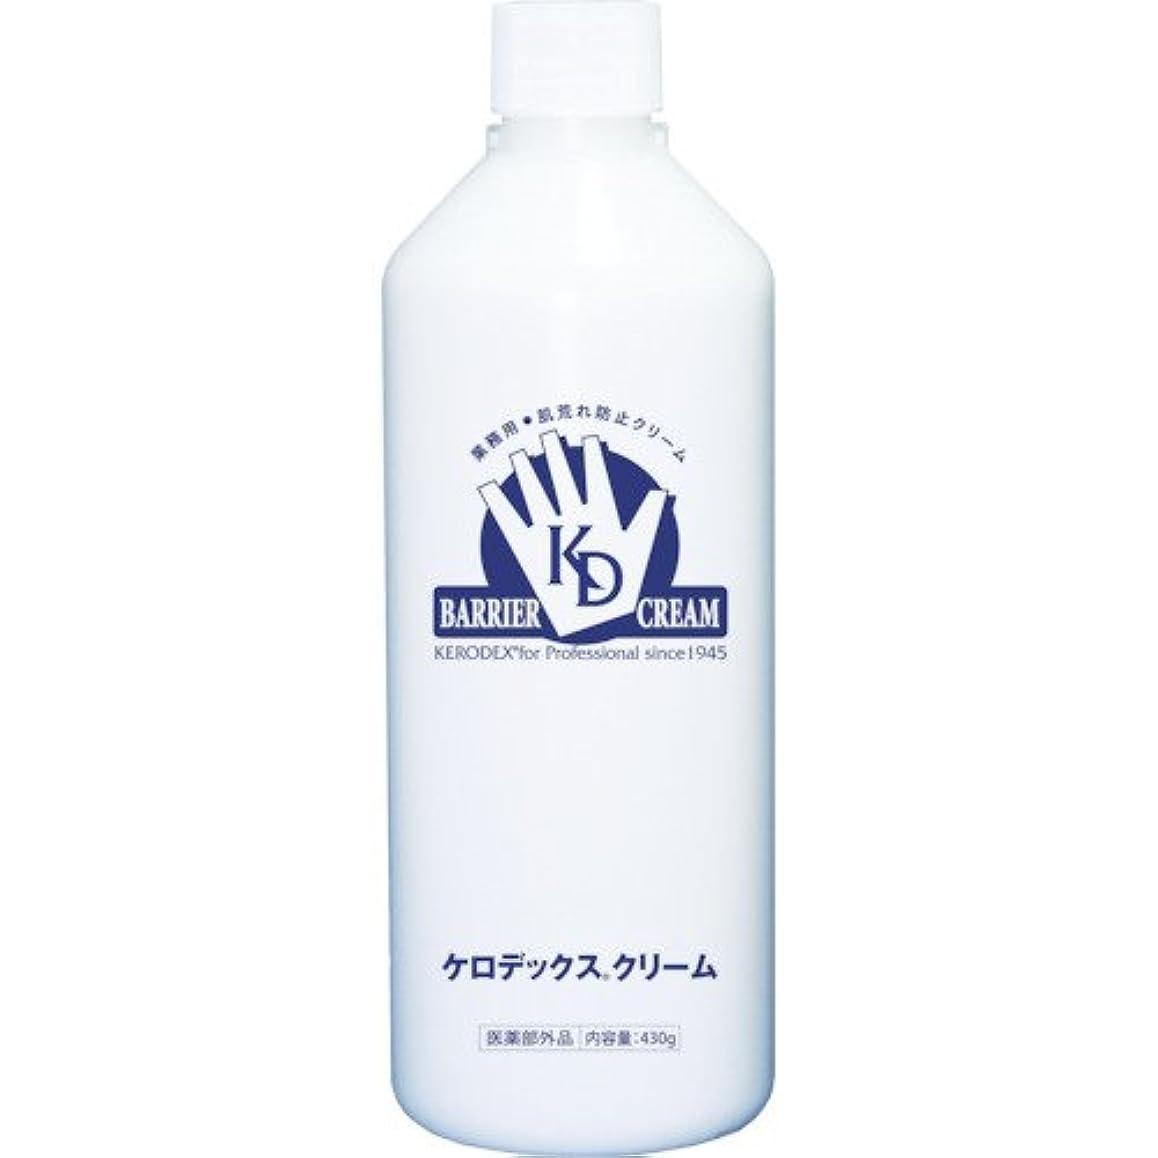 爆発物靄バッフルケロデックスクリーム ボトルタイプ 詰替用 430g